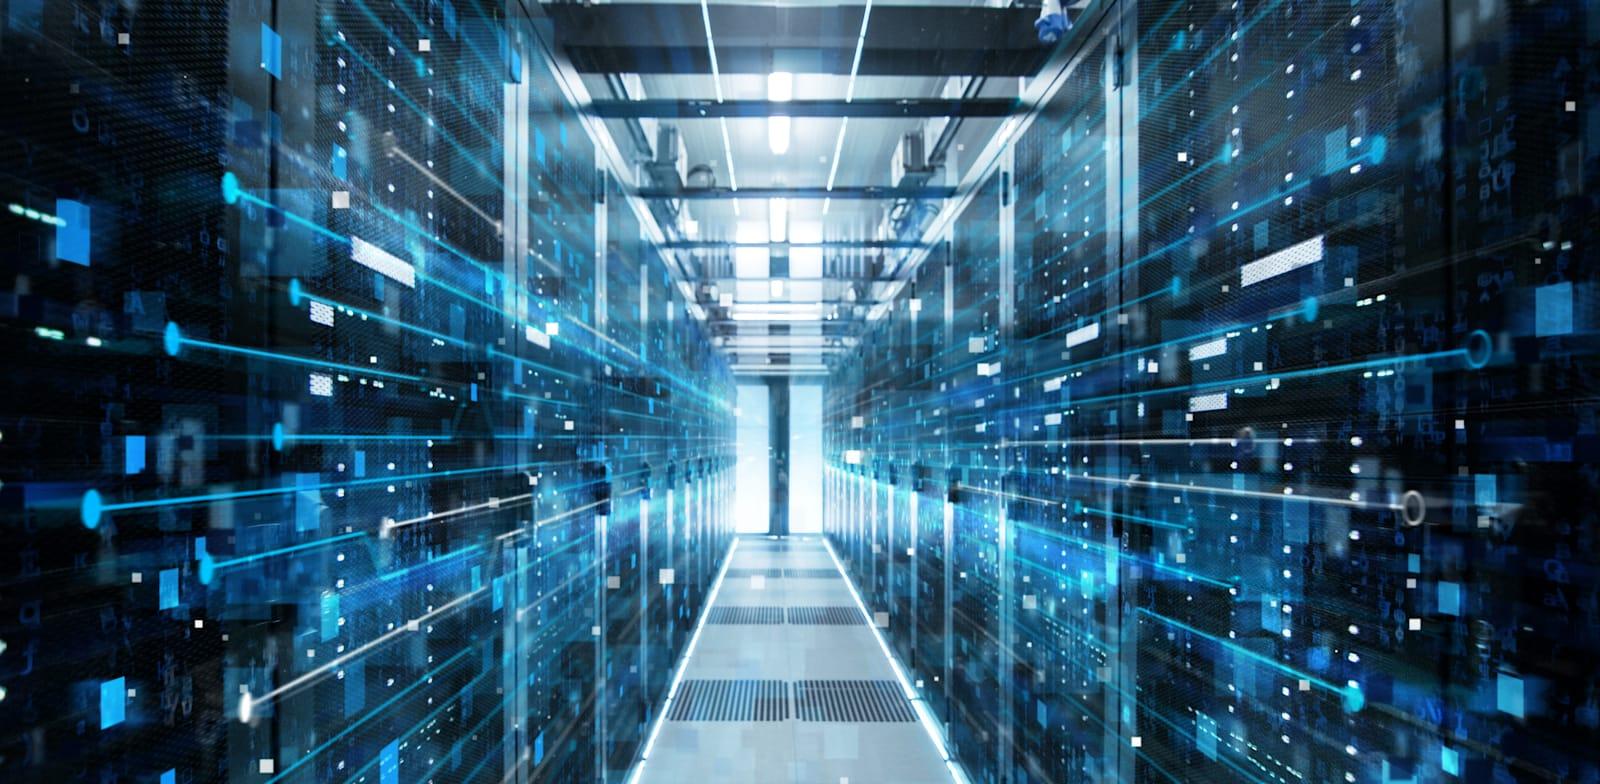 חדר שרתים למחשוב ענן / אילוסטרציה: Shutterstock, Gorodenkoff